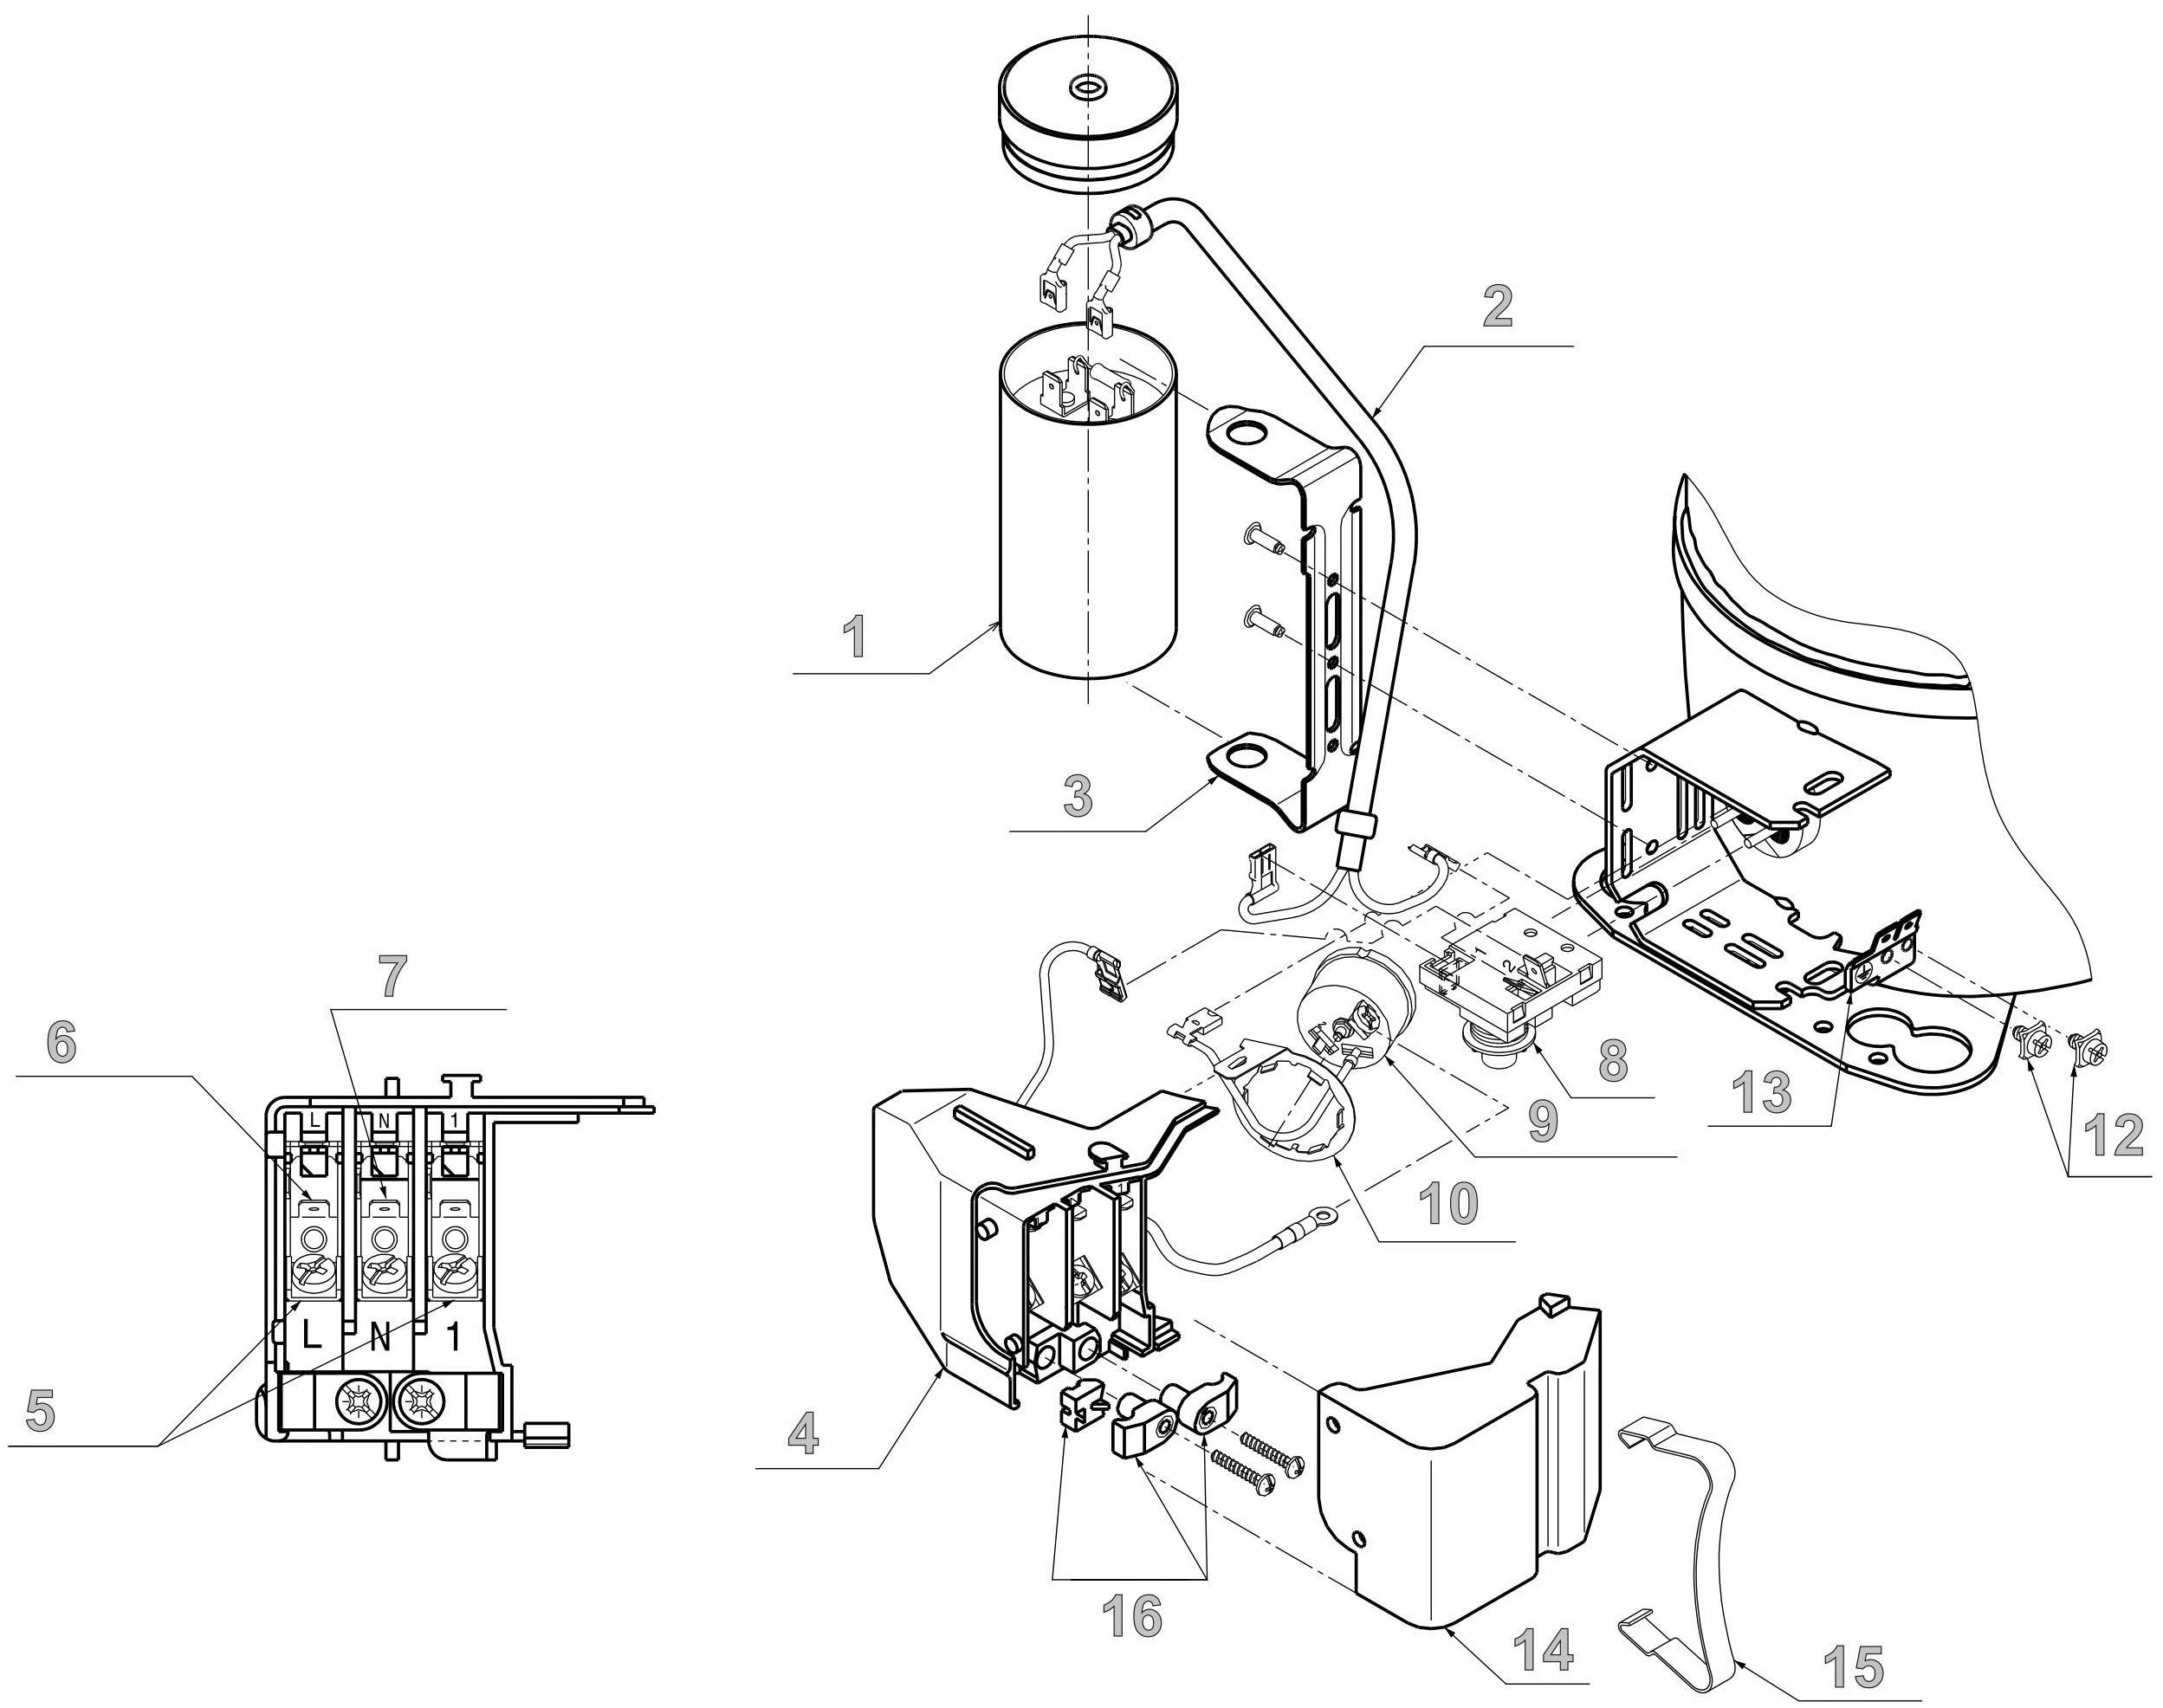 Электрический узел компрессоров Cubigel - конфигурация до 2005 г.